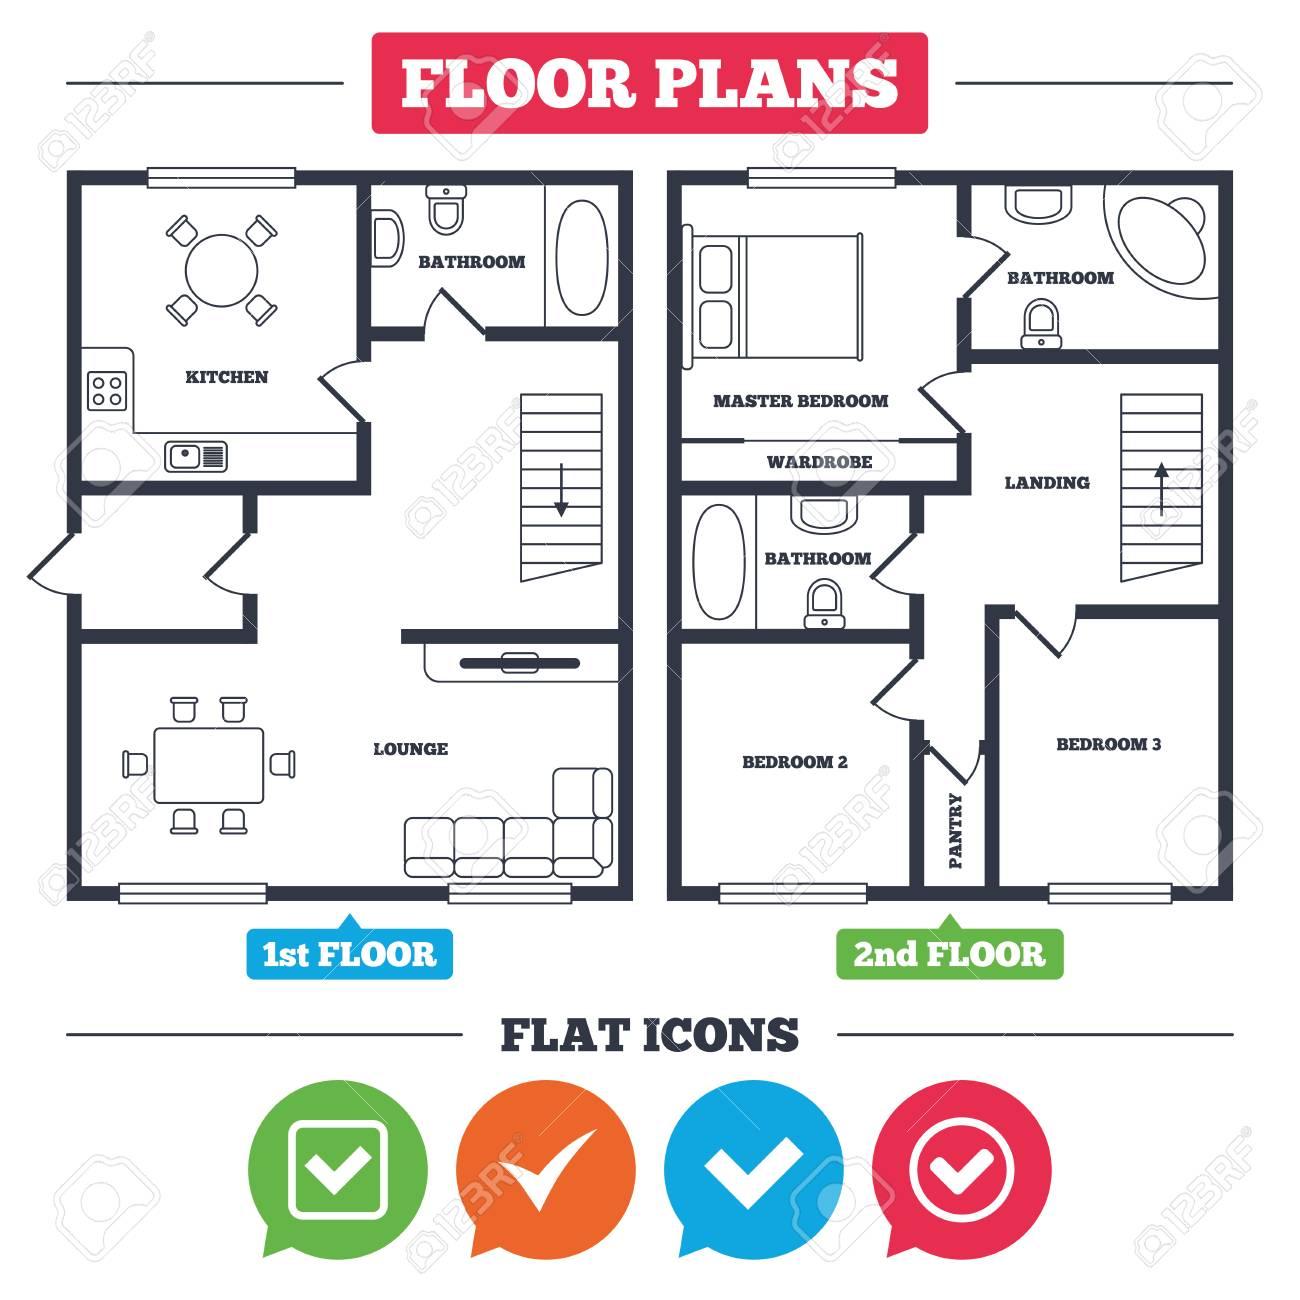 Plan De Arquitectura Con Muebles. Plano De La Casa Verificar Iconos ...